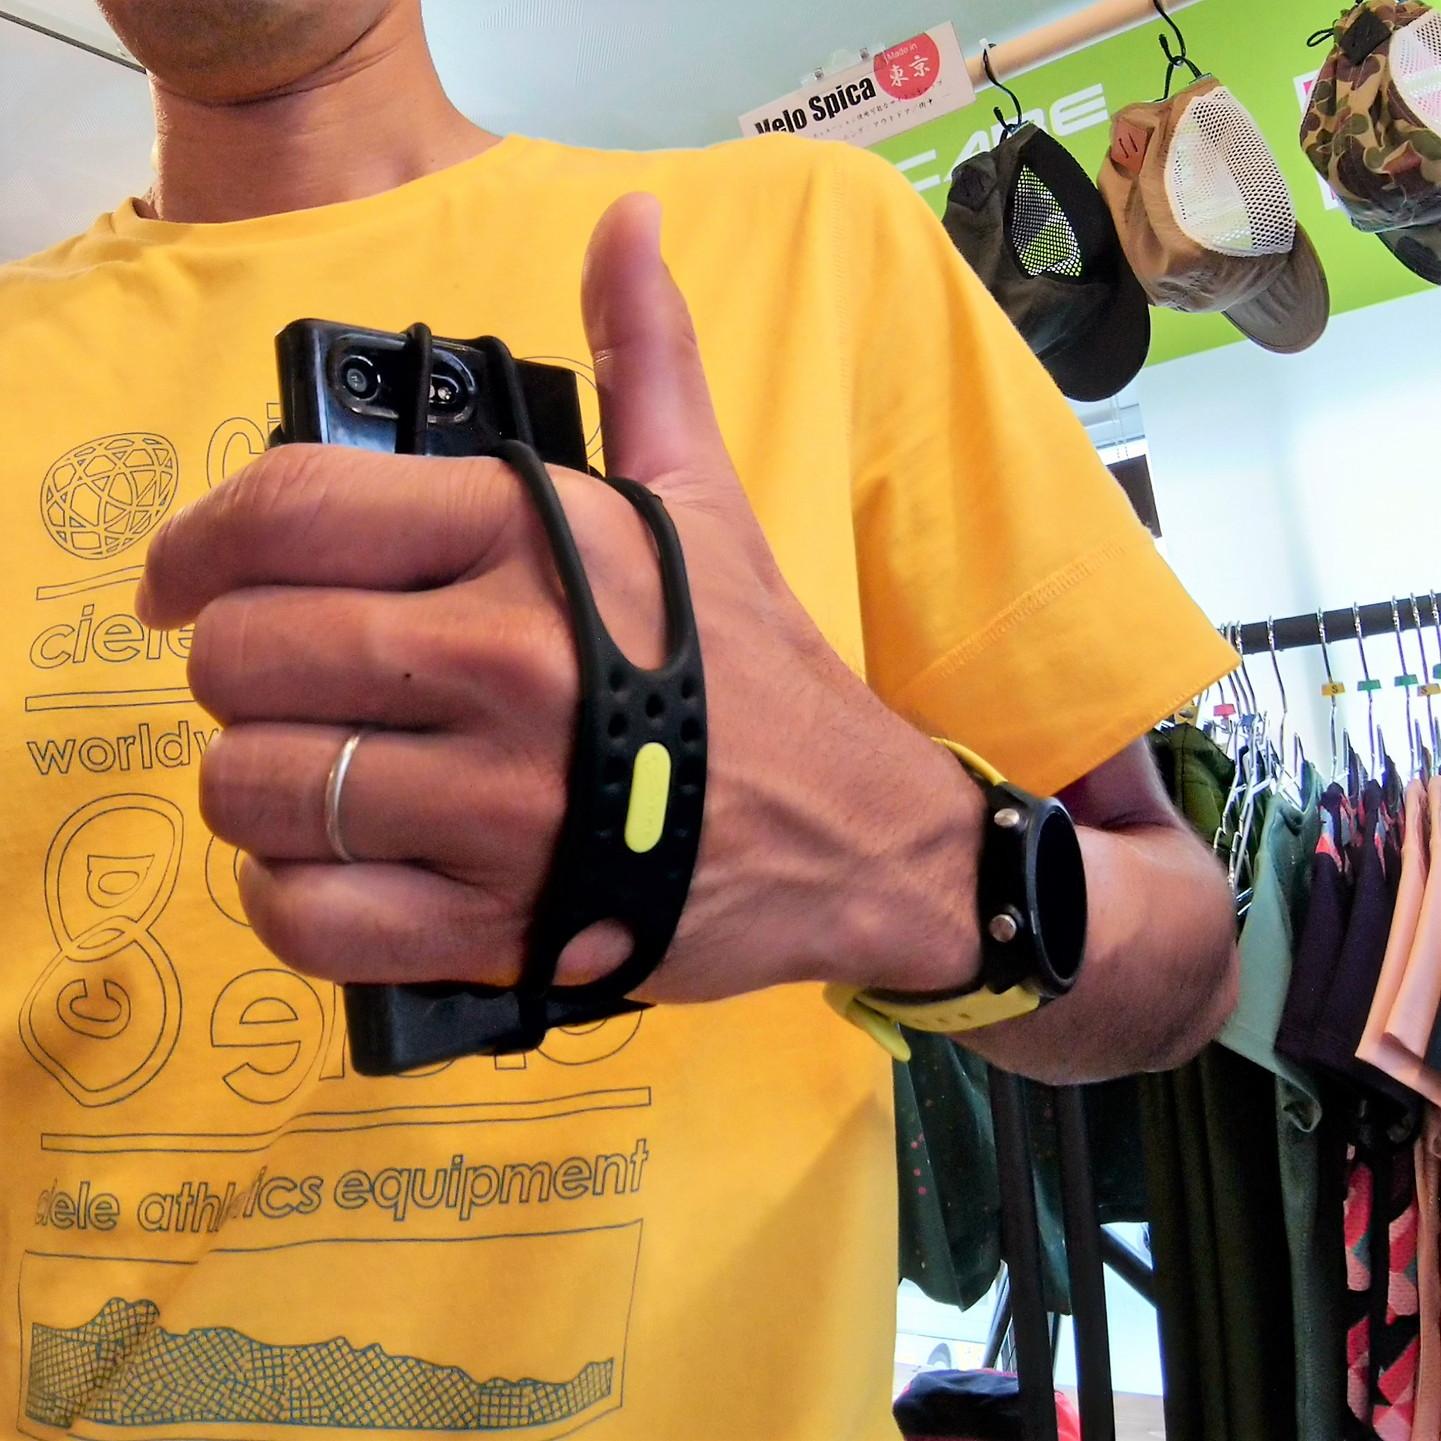 ランニング用スマホホルダーが入荷|BONE/Run Tie Handheld